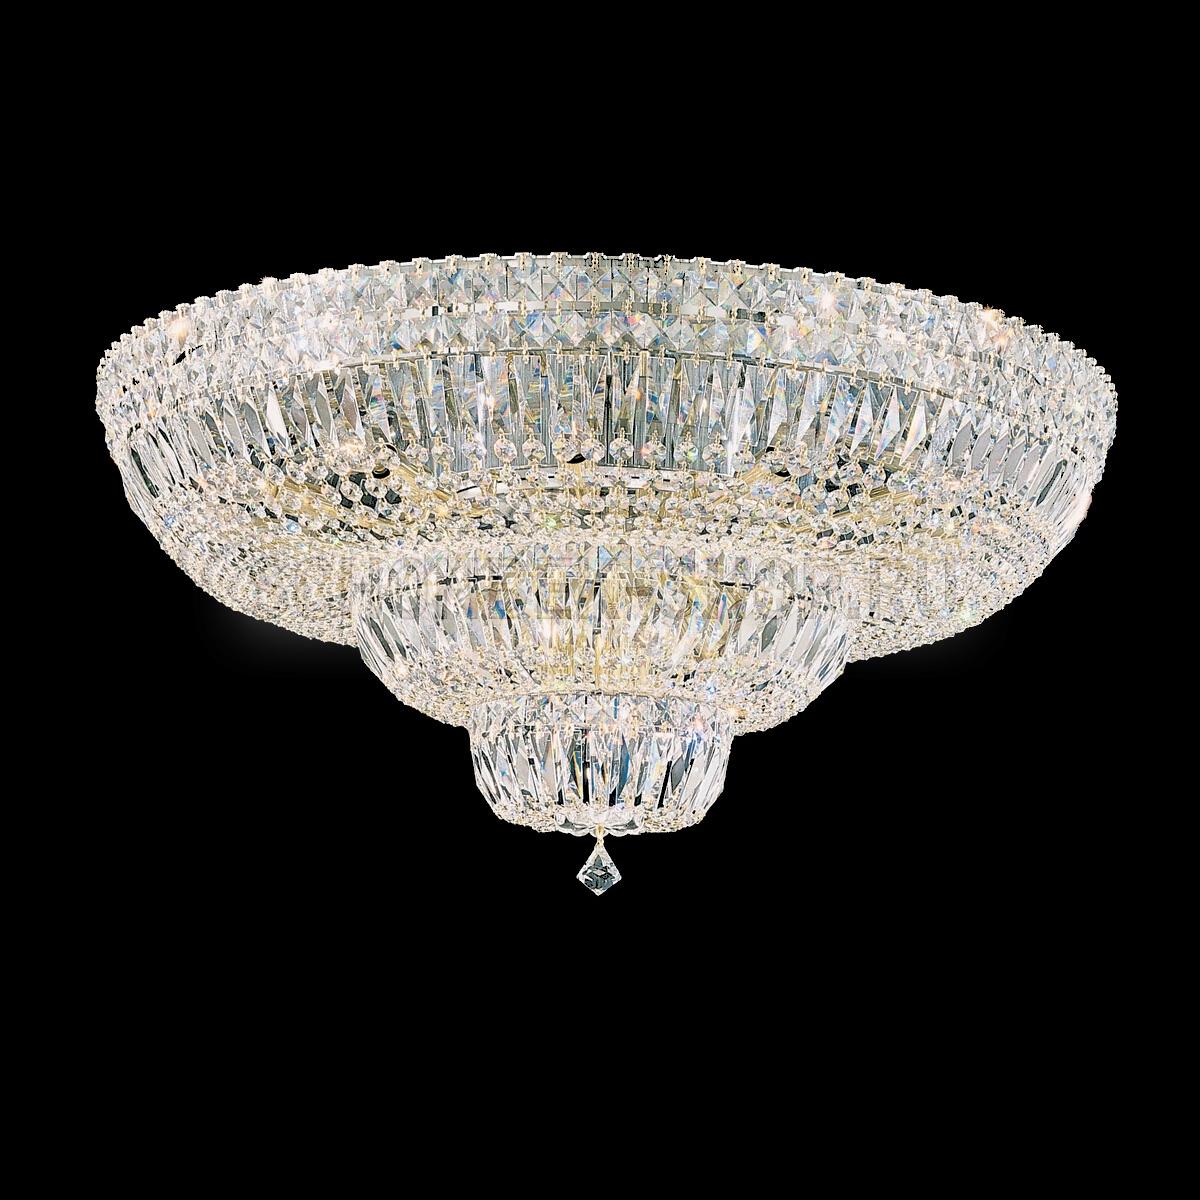 Фотография 1 - Светильник Schonbek Petit Crystal Deluxe 5898